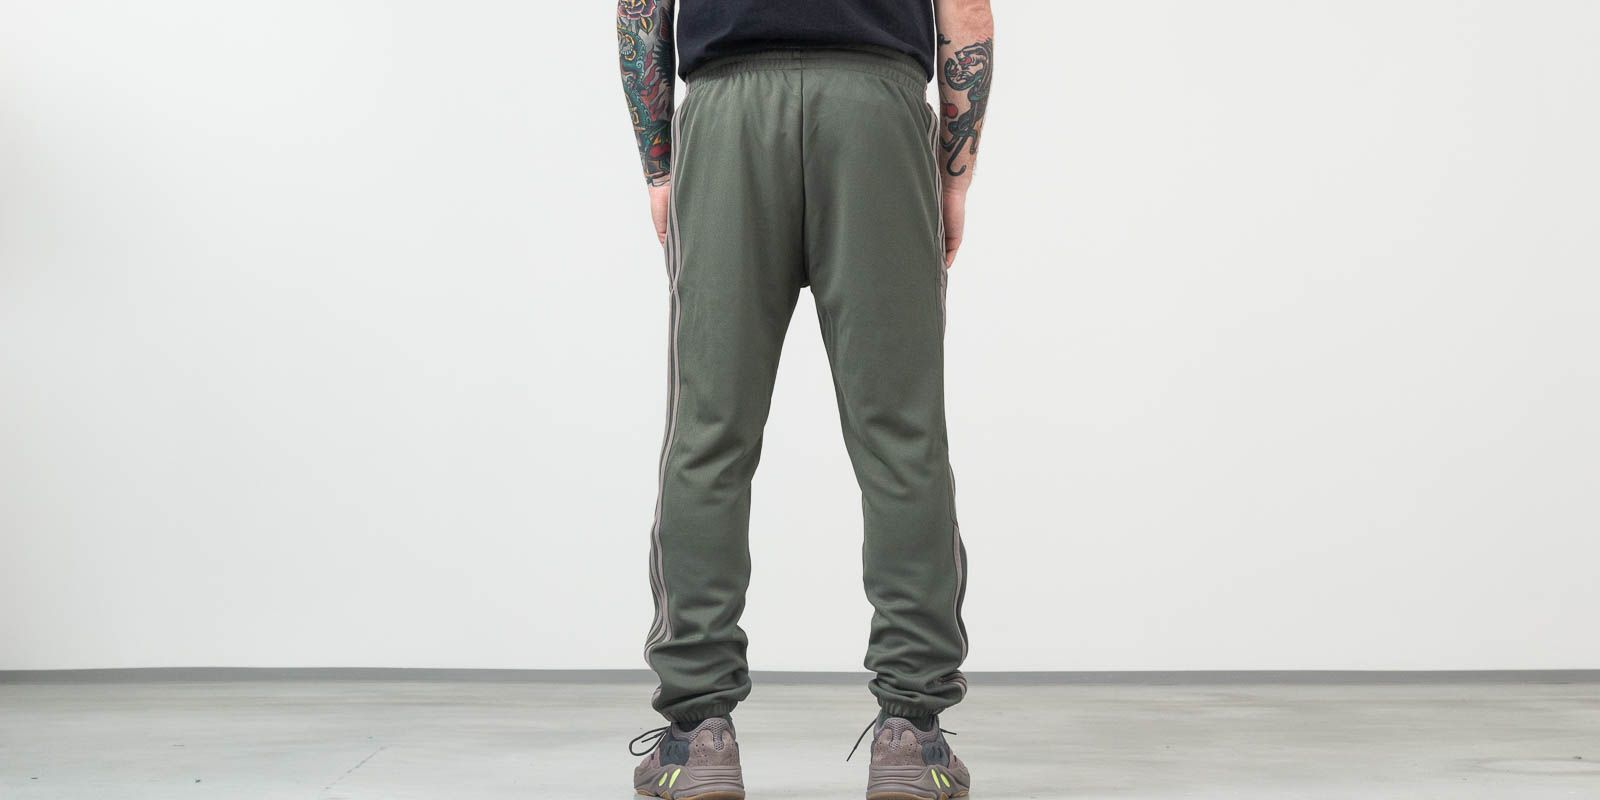 adidas Calabasas Track Pants Mink/ Core, Gray